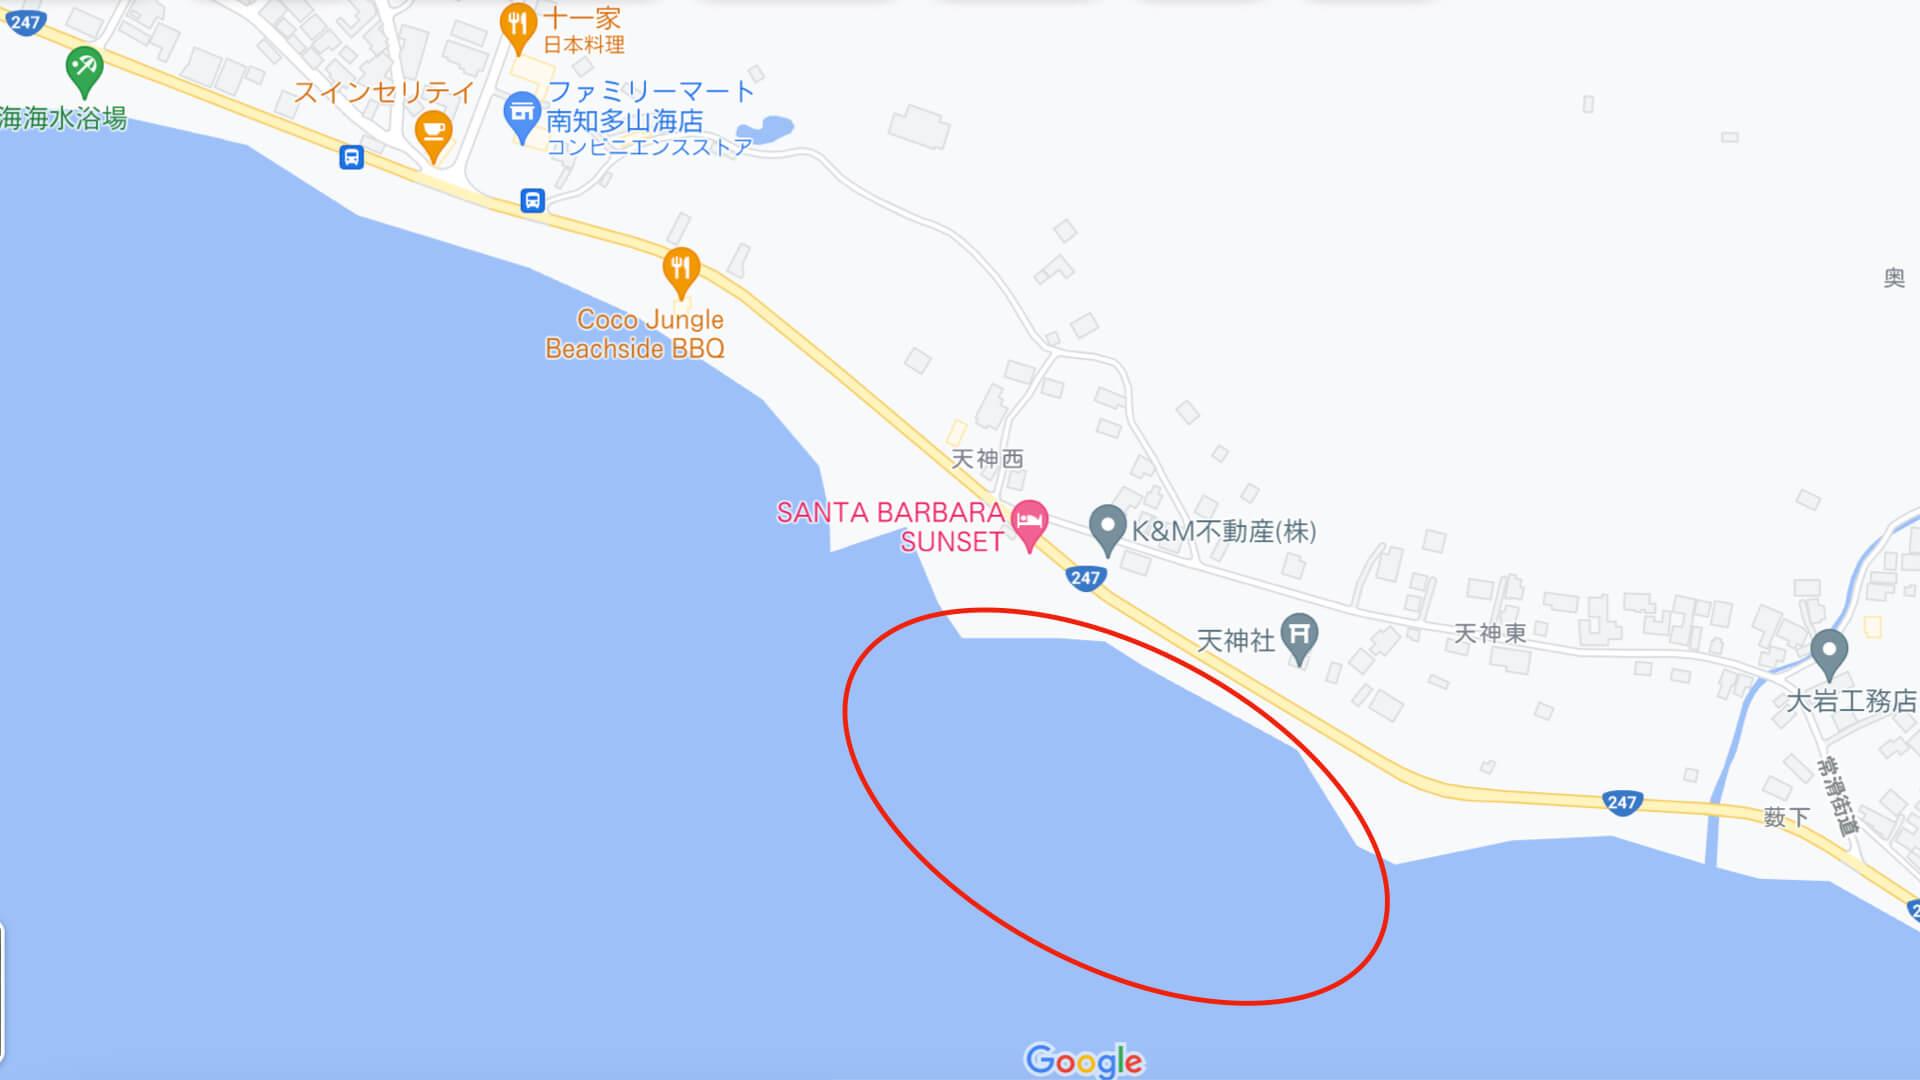 山海海水浴場で磯遊びができる場所ー愛知県で子供と磯遊びするなら山海海水浴場!駐車場&ランチ情報